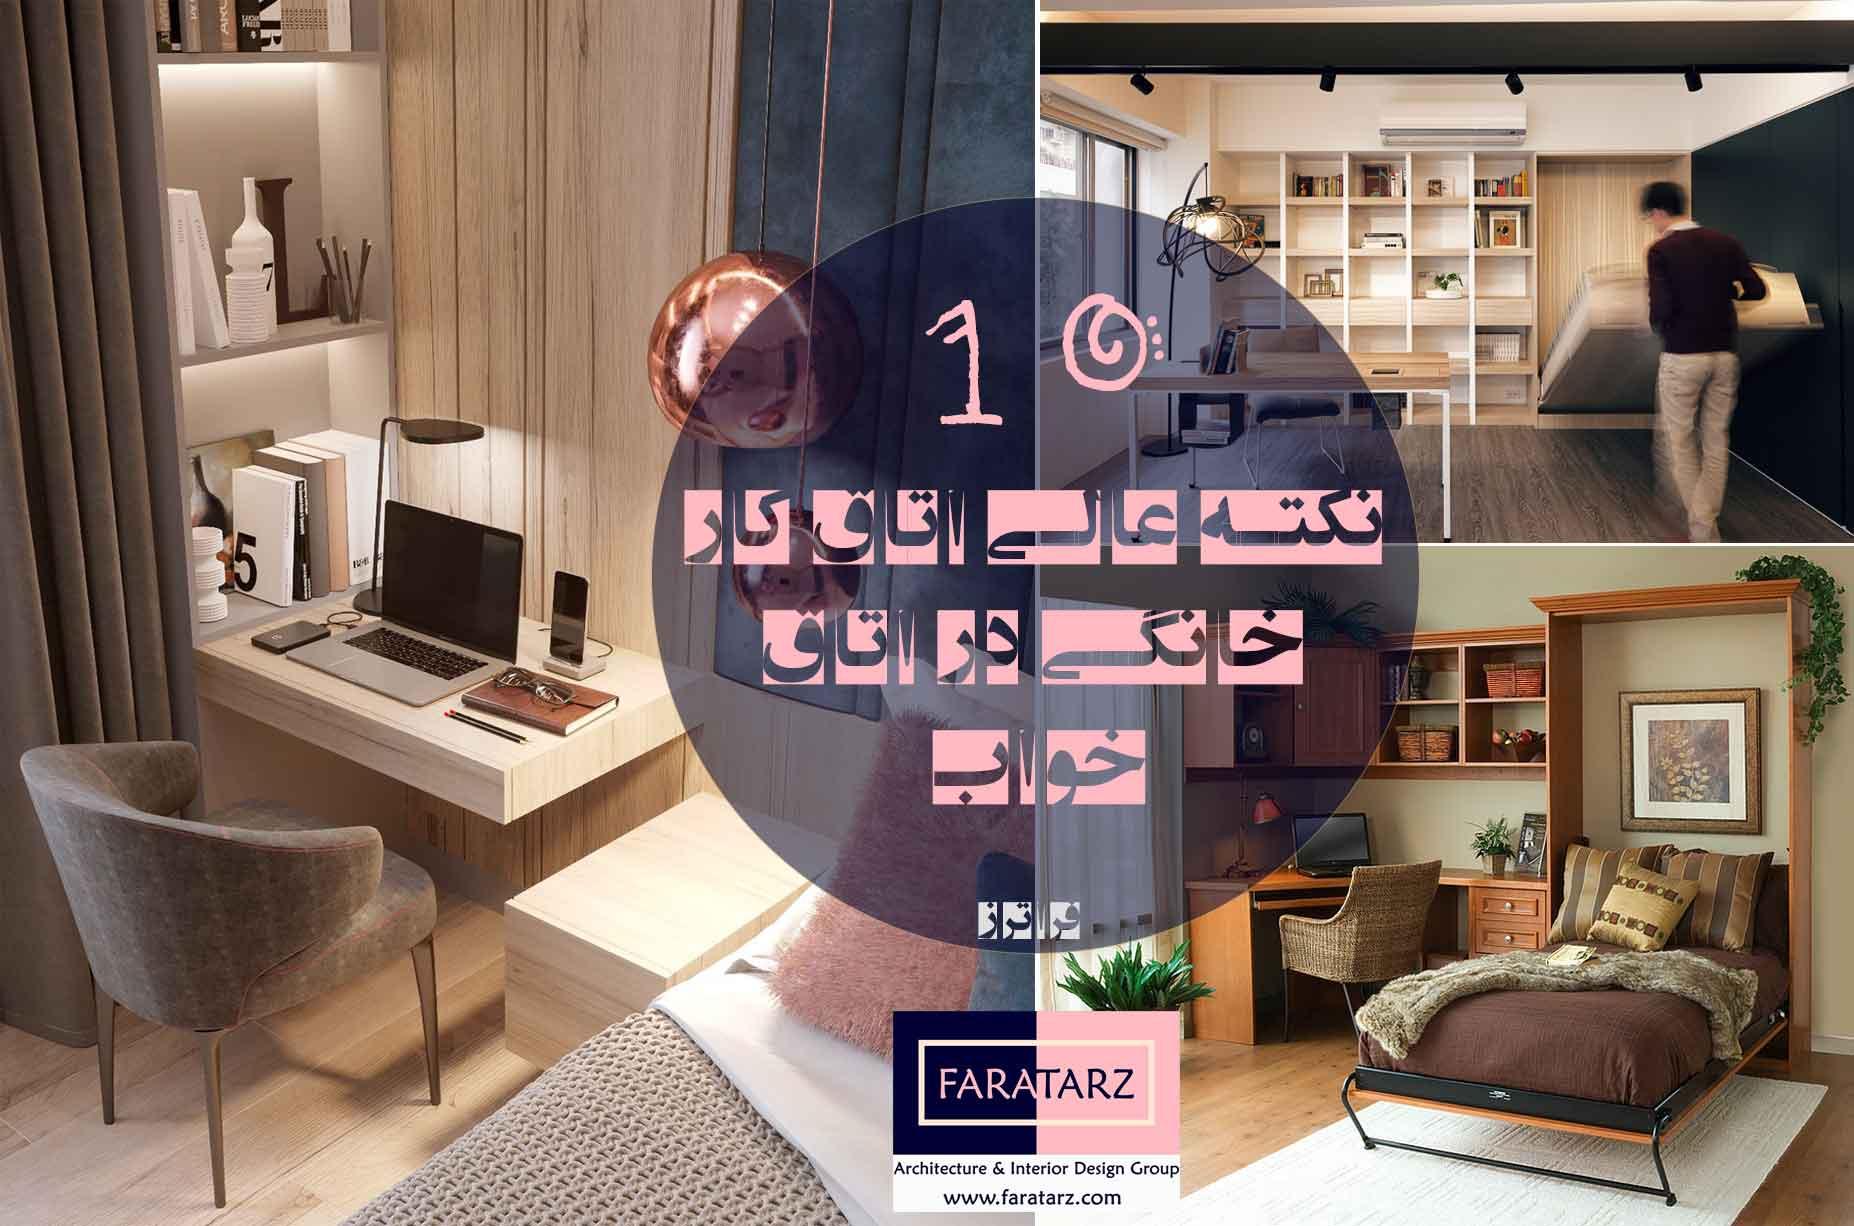 ۱۰ ایده عالی برای اتاق خواب کار خانگی